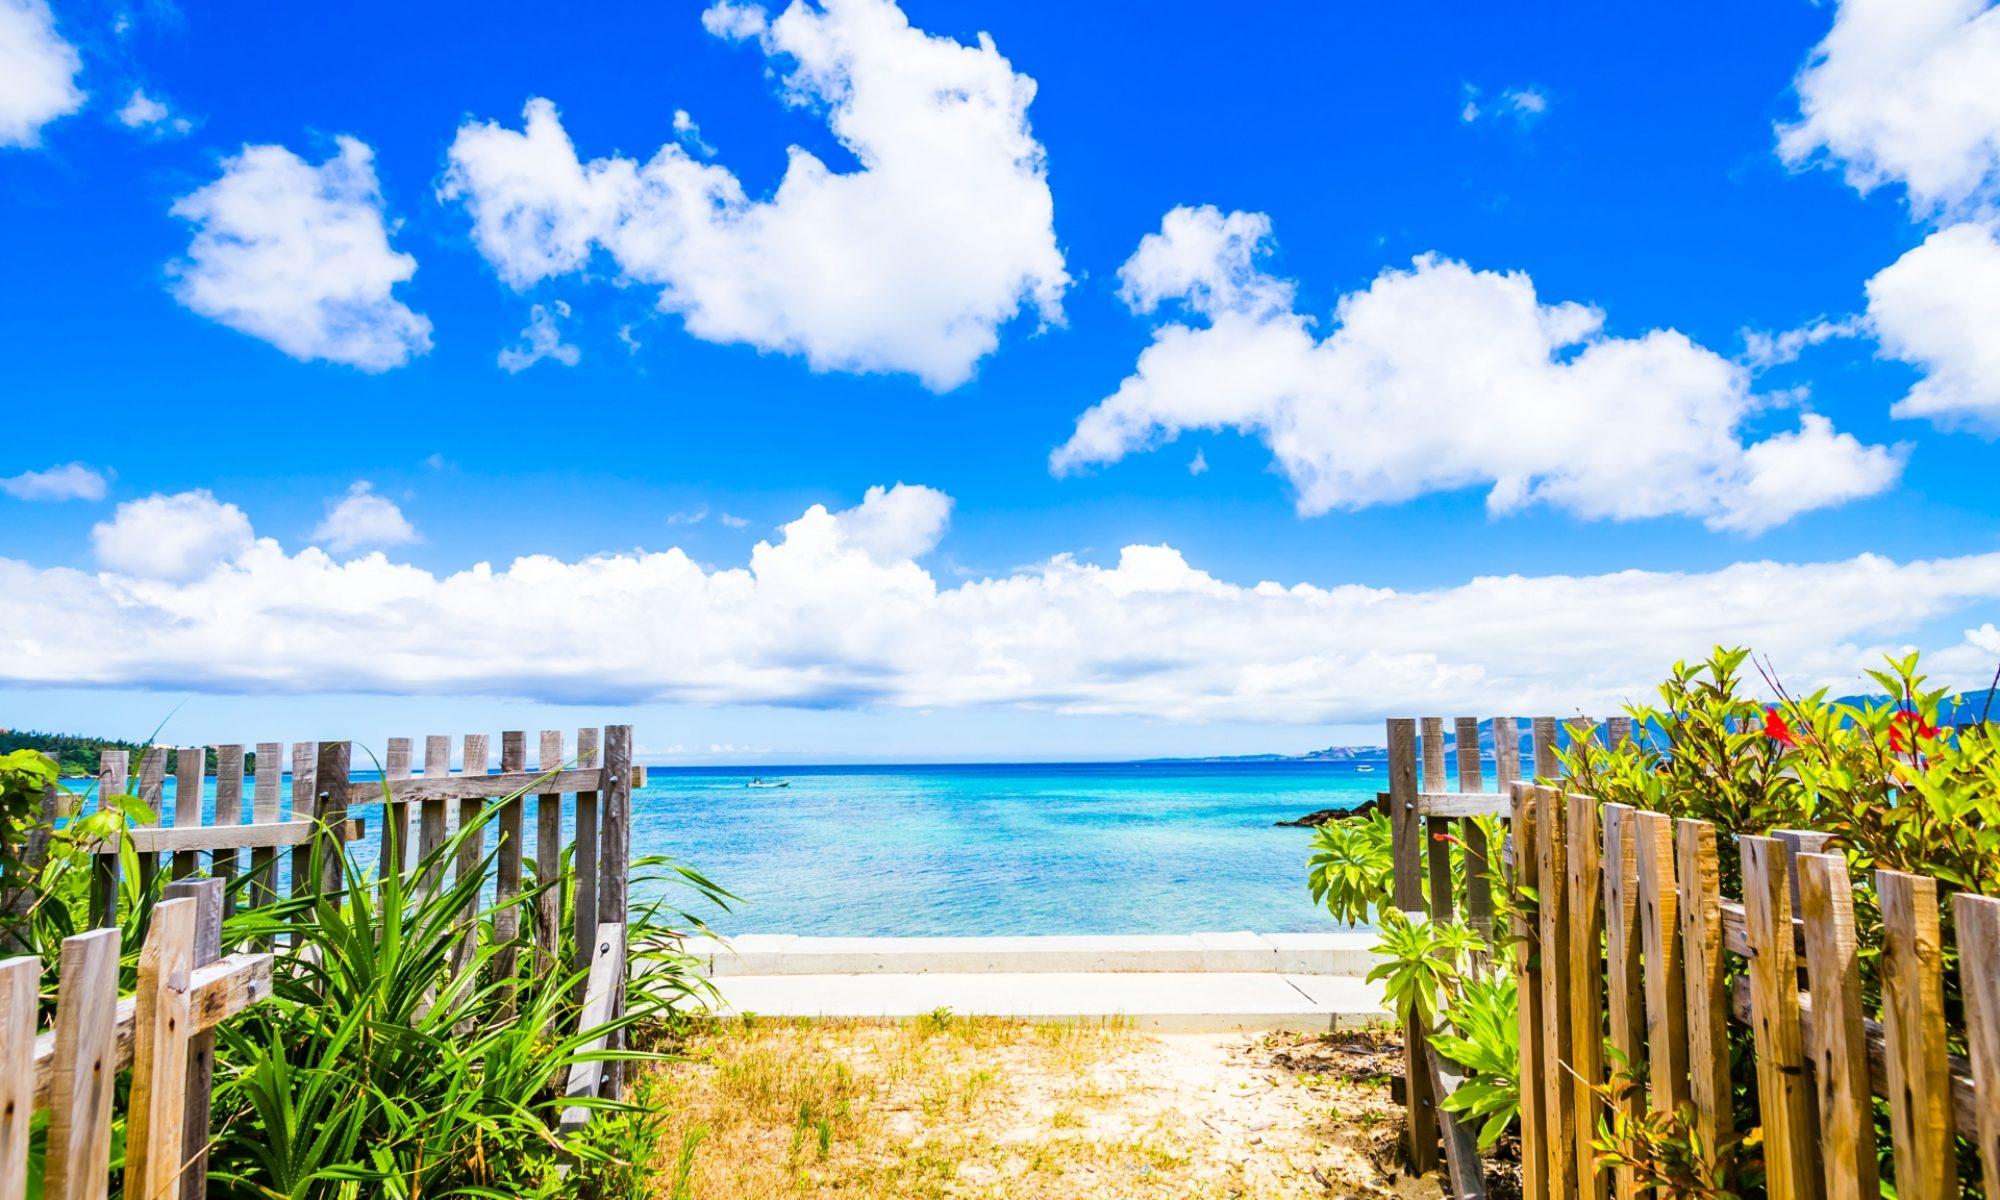 沖縄本島ダイビングの水中写真サイト OKINAWANFISH